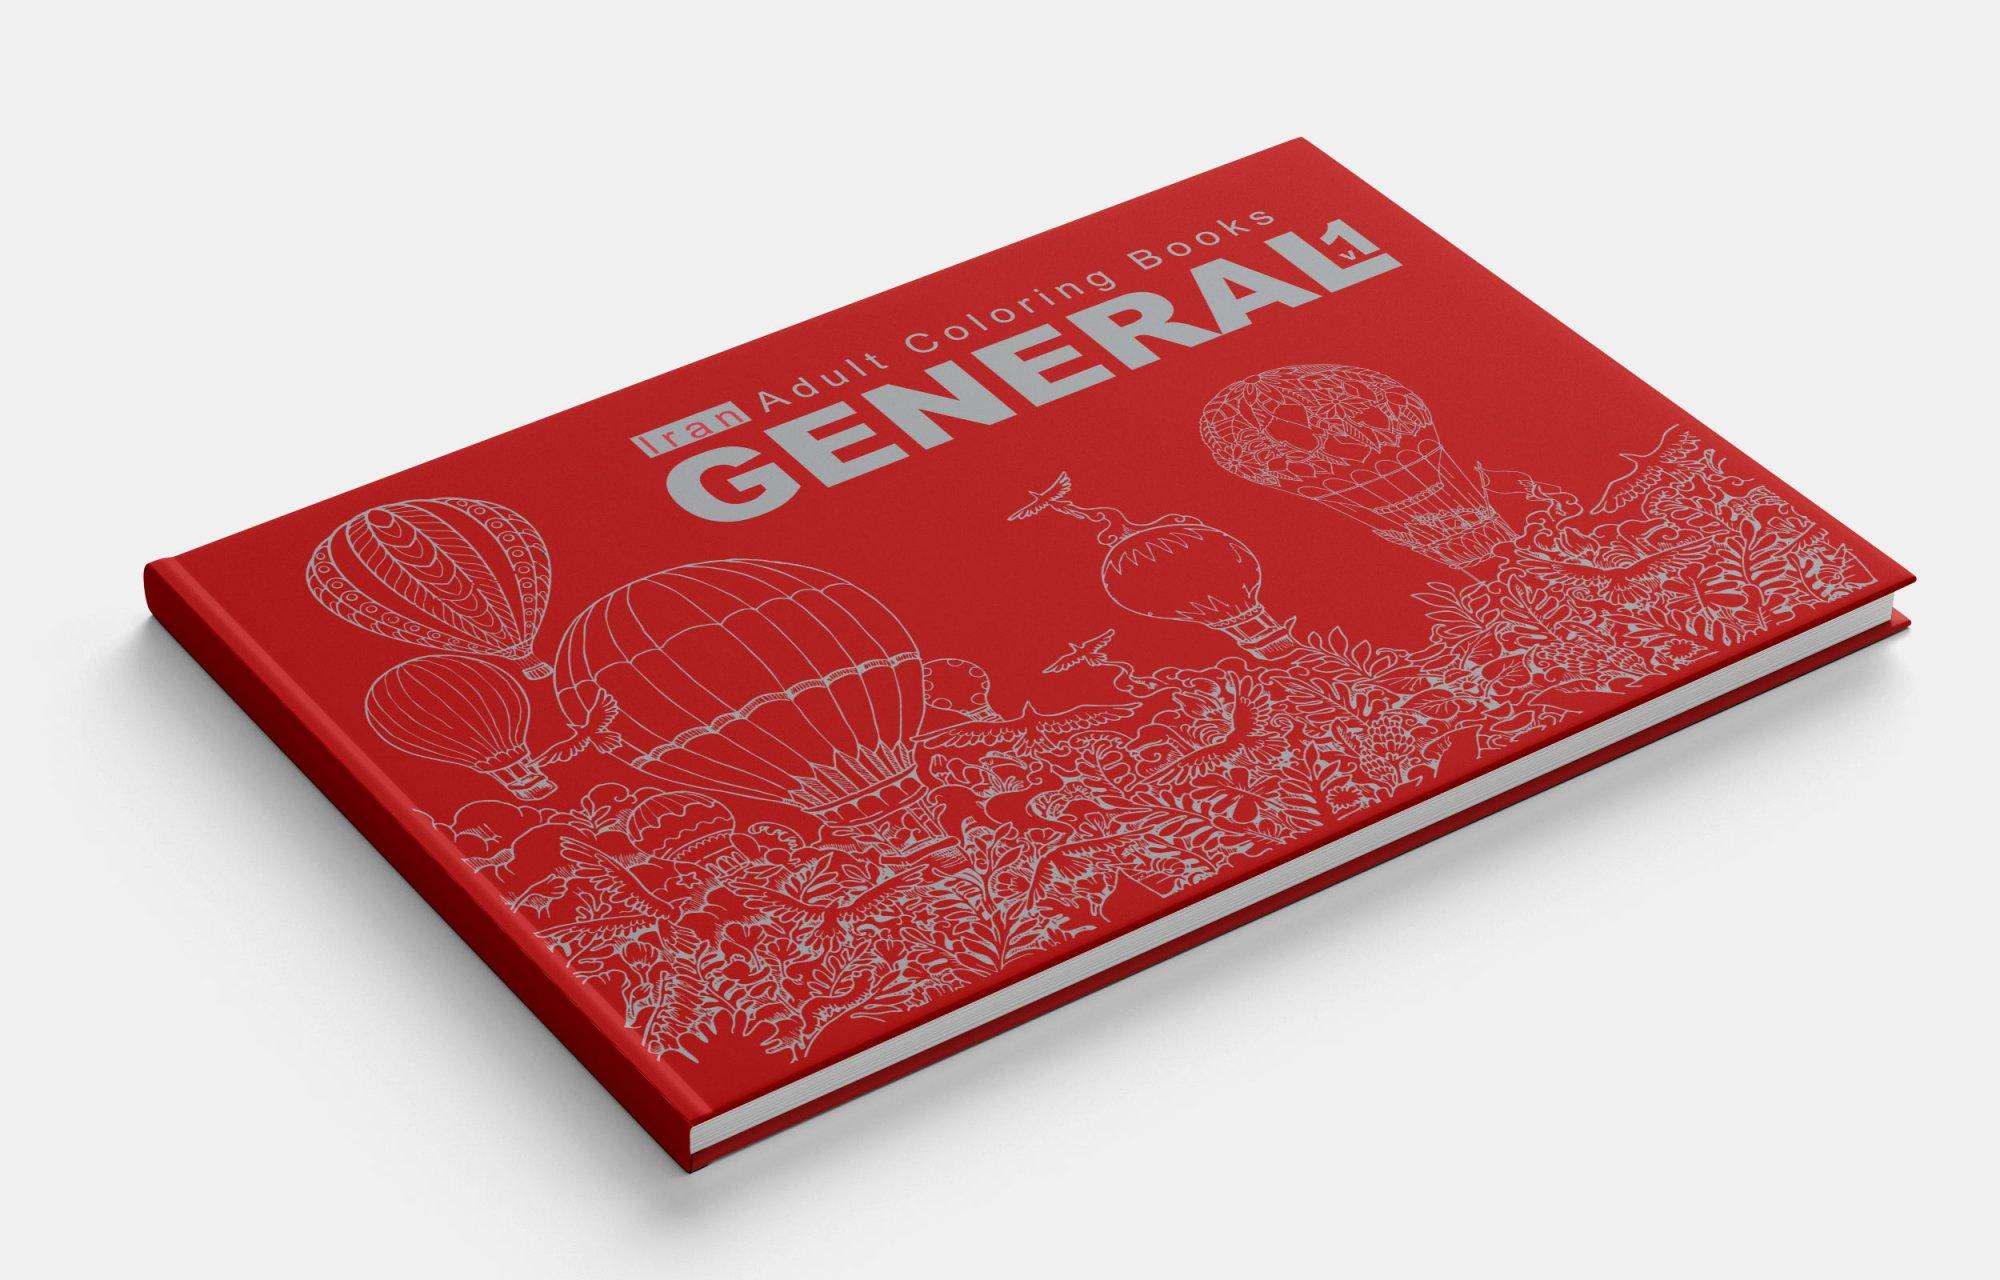 کتاب رنگ آمیزی بزرگسالان ایران نسخه جنرال 1